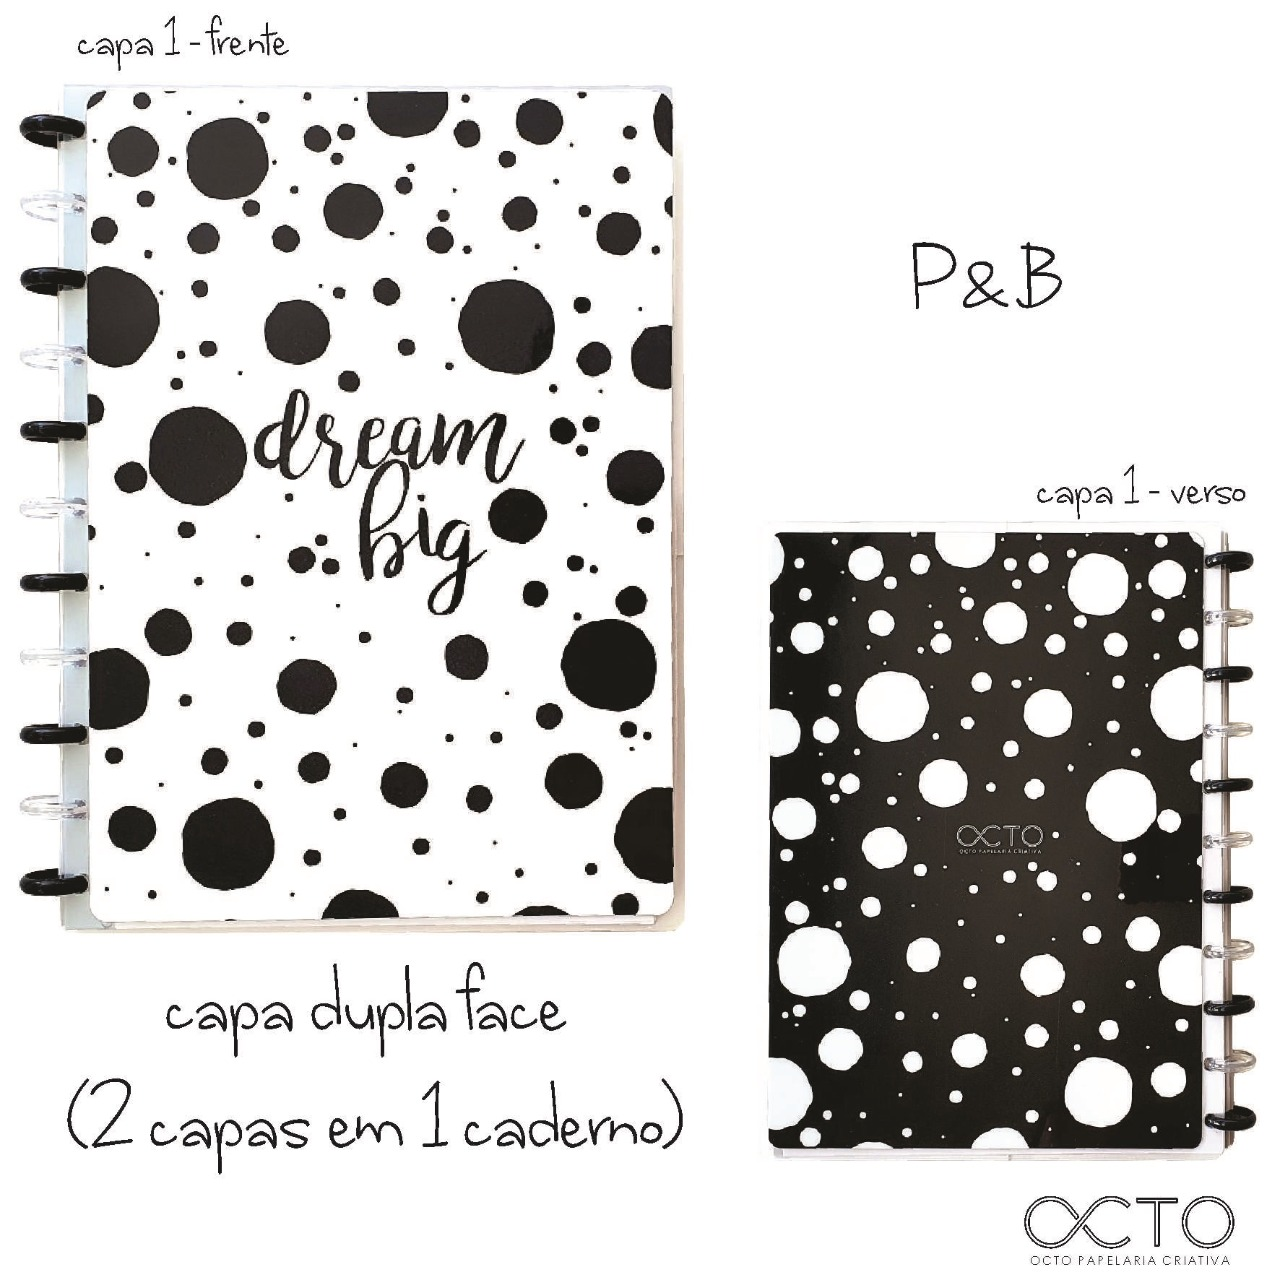 Caderno de Disco Universitário - OCTO - P&B